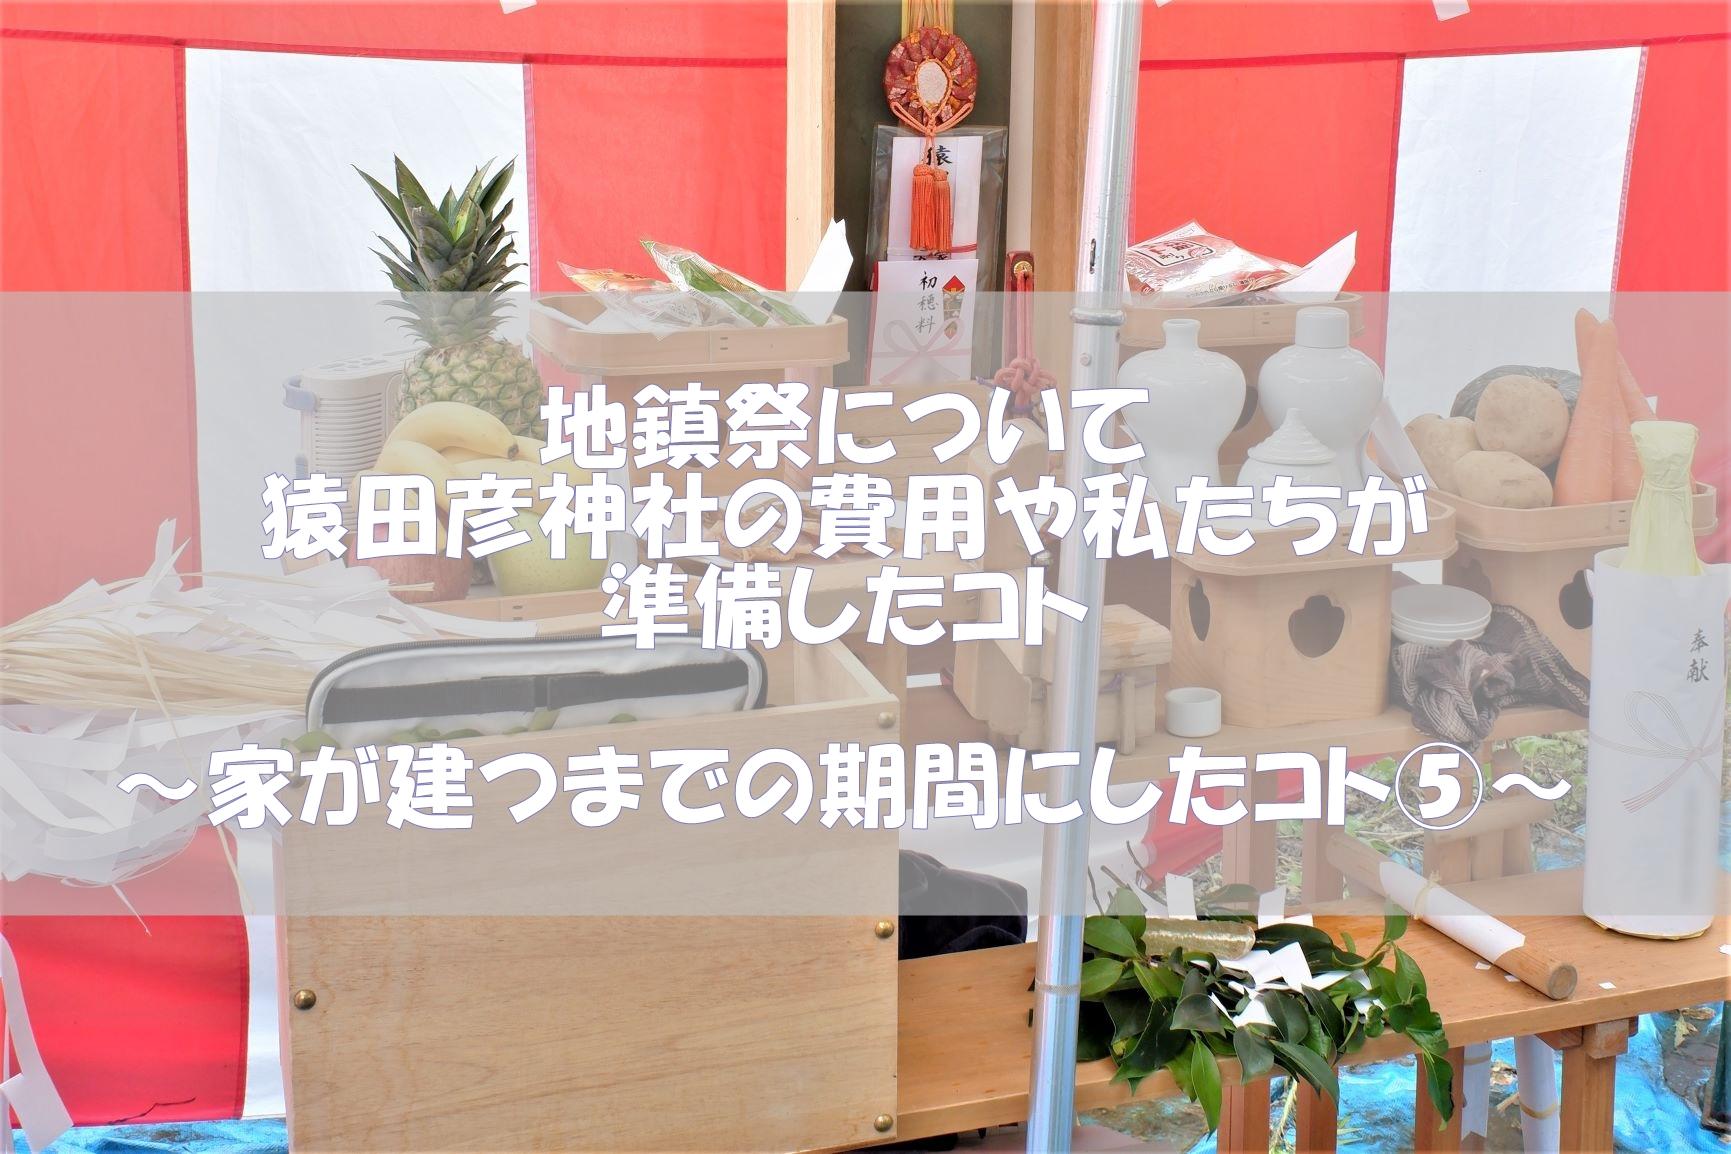 地鎮祭について。猿田彦神社の費用や私たちが準備したコト(家を建てるためにしたコト⑤)